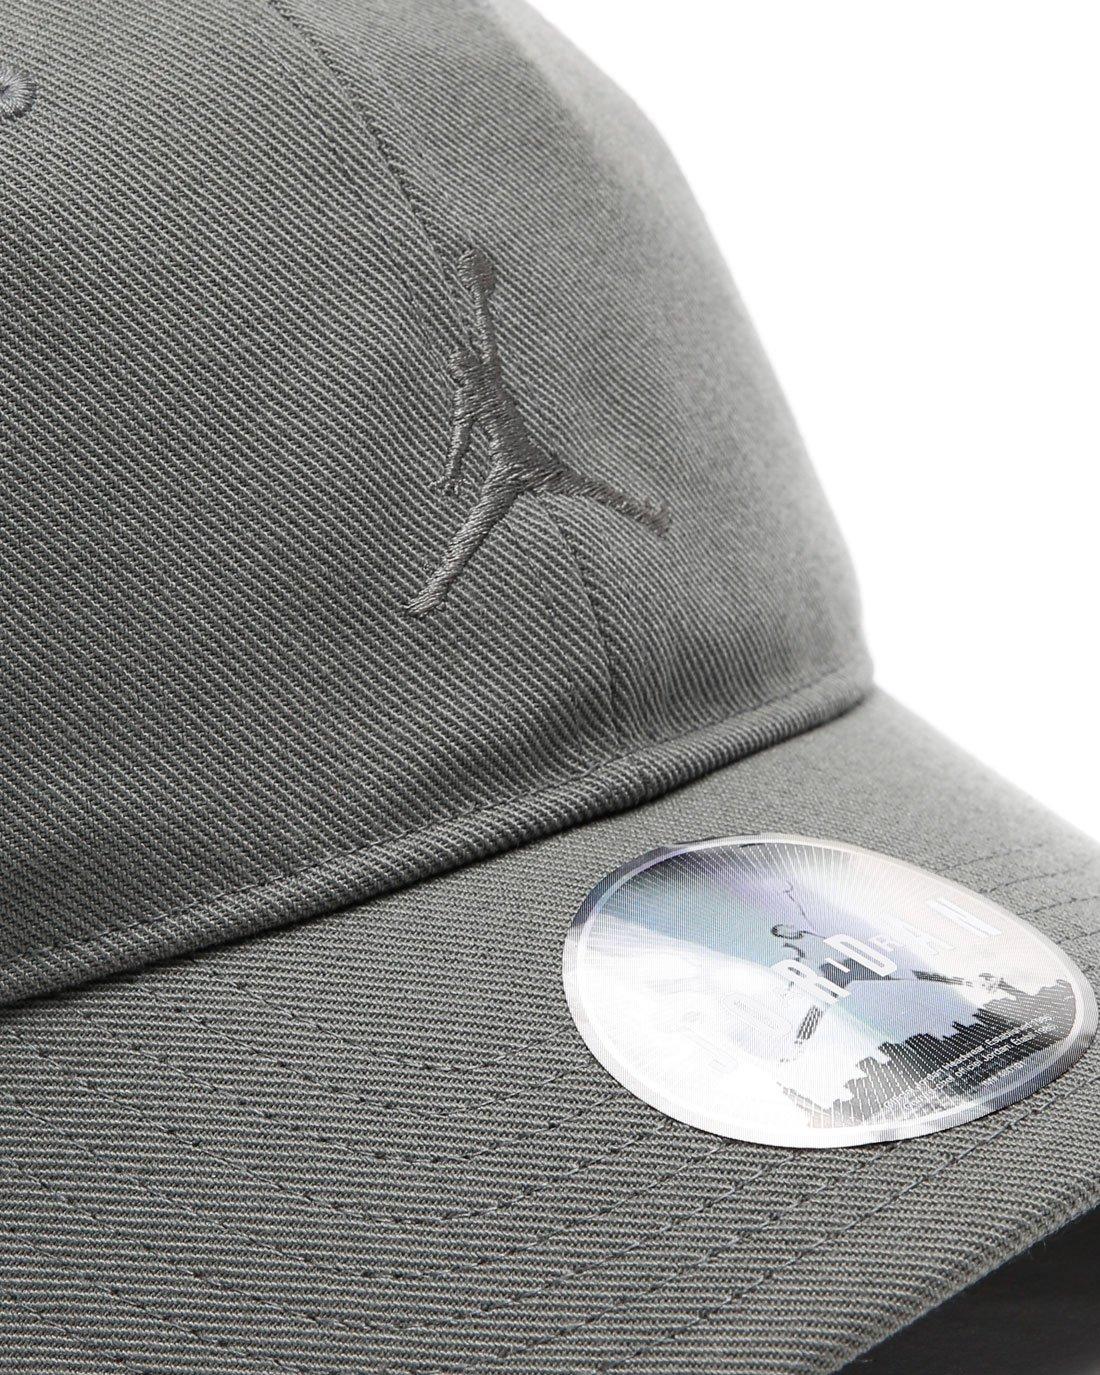 4fa61b8af42 Amazon.com  Jordan Jumpman H86 Adjustable Hat - Men s - 847143 018 !! Green   Sports   Outdoors